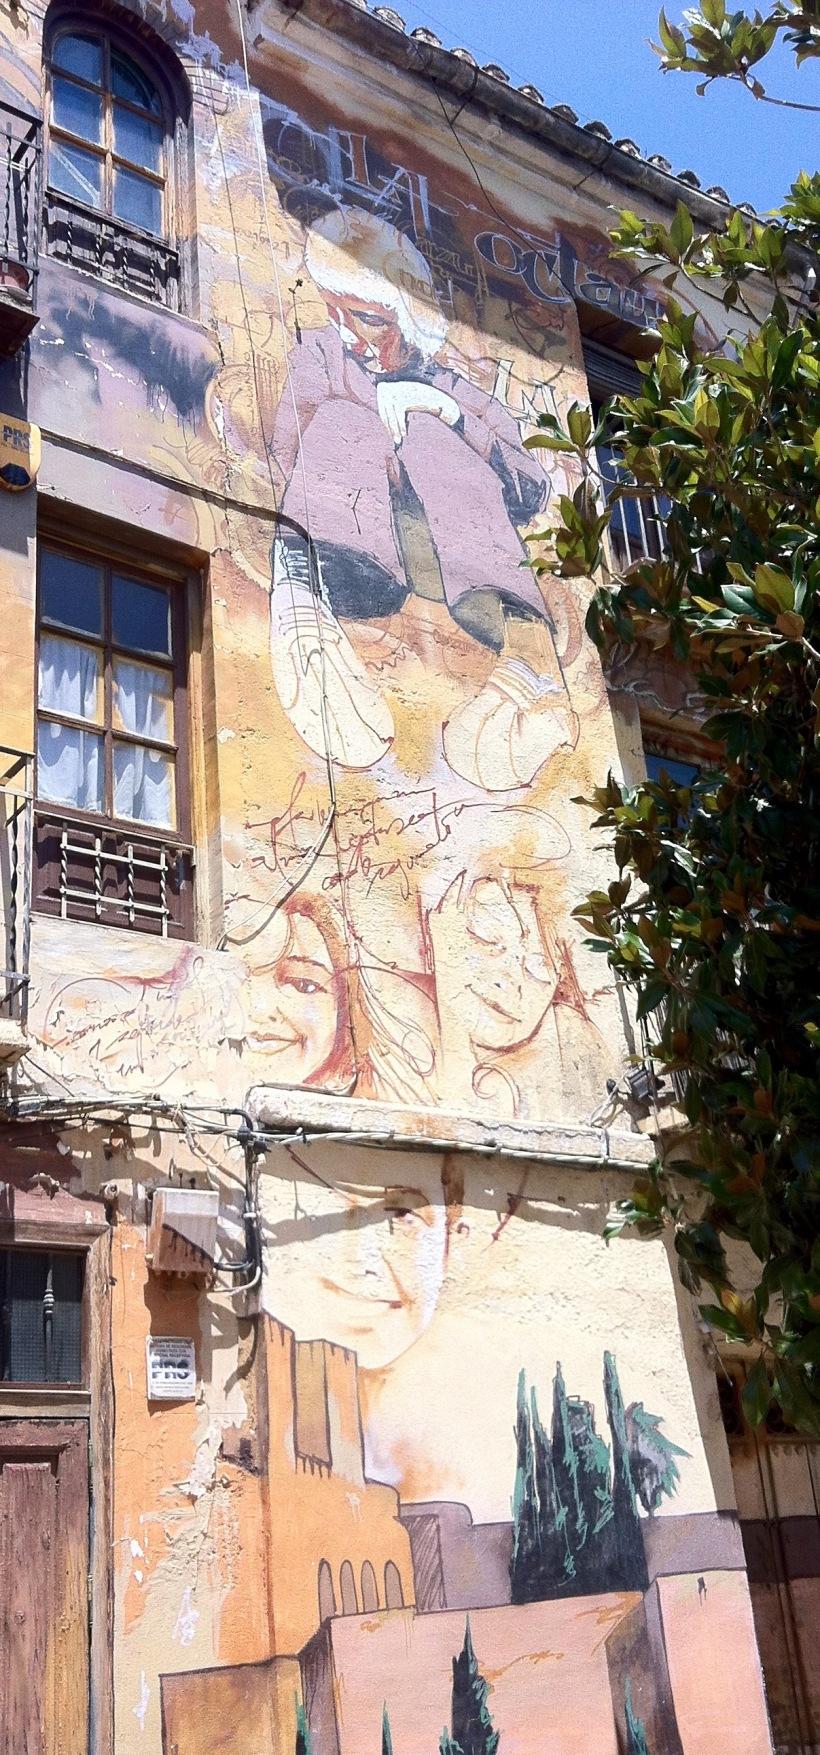 street art granada.jpg - 1